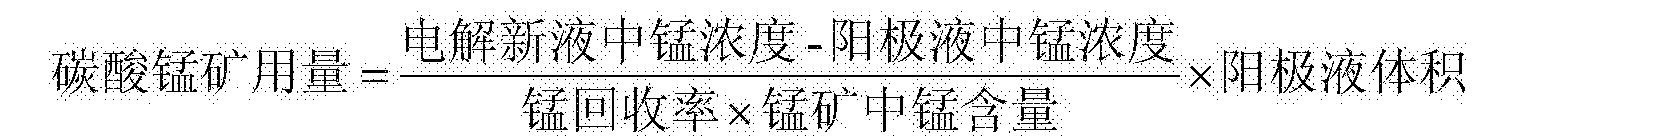 Figure CN107586951AC00021